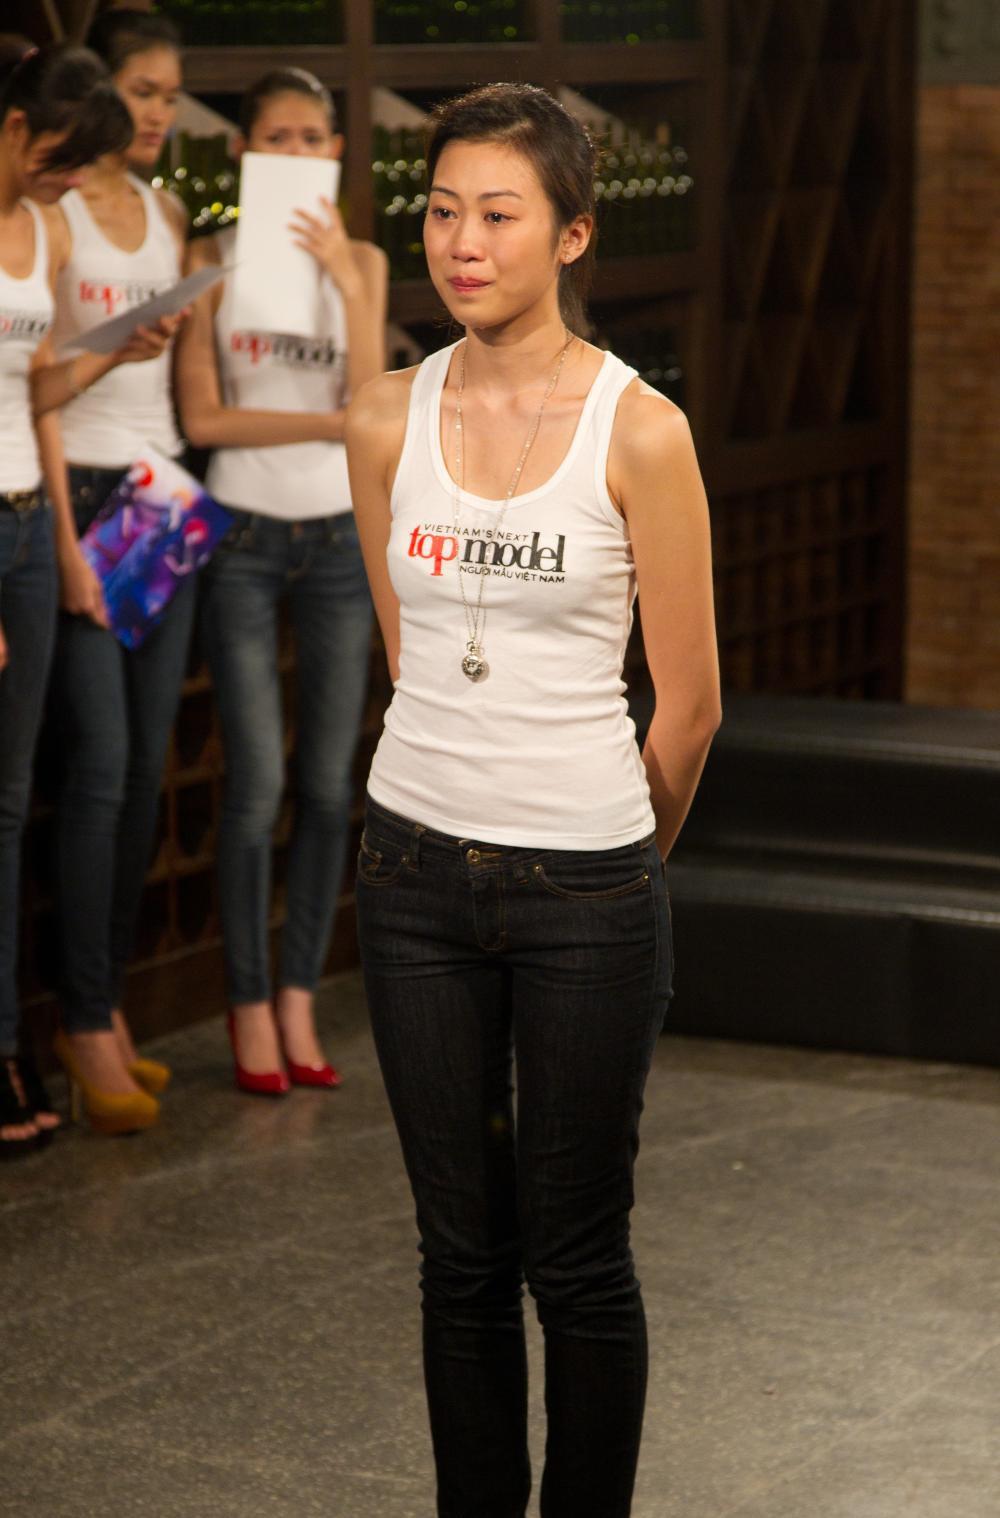 7 năm sau Chung kết Vietnams Next Top Model 2011: Quán quân thành Á hậu, đa số thí sinh đã lập gia đình - Ảnh 21.